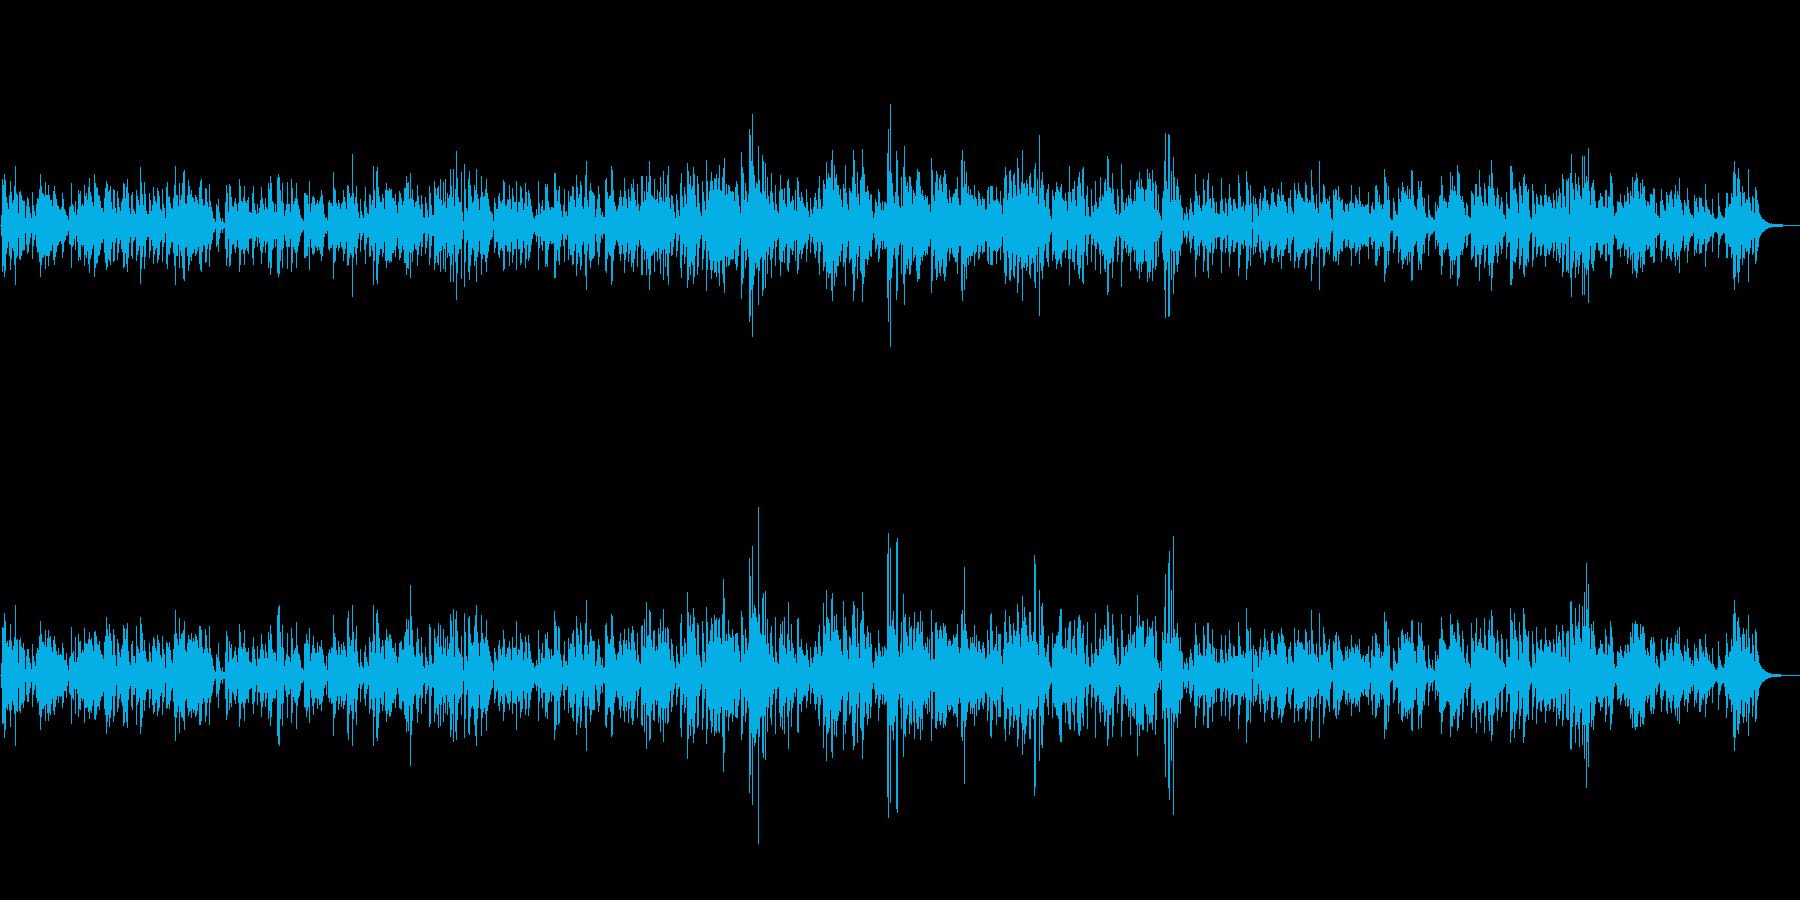 ラウンジ・バーで流れる上品なジャズBGMの再生済みの波形